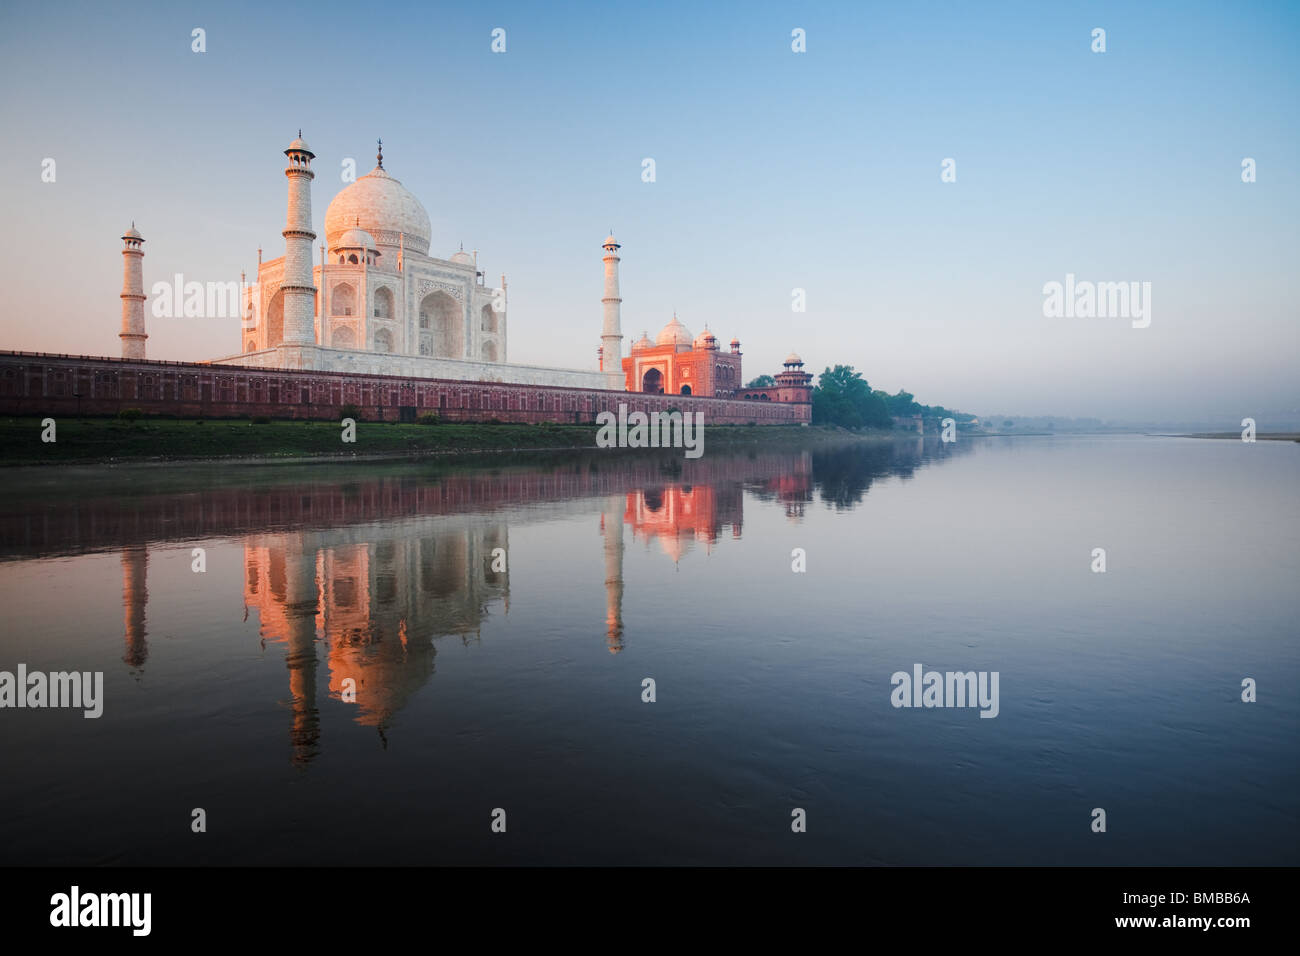 Il Taj Mahal si illumina di rosso allo spuntar del giorno accanto al santo fiume Jamuna. Immagini Stock